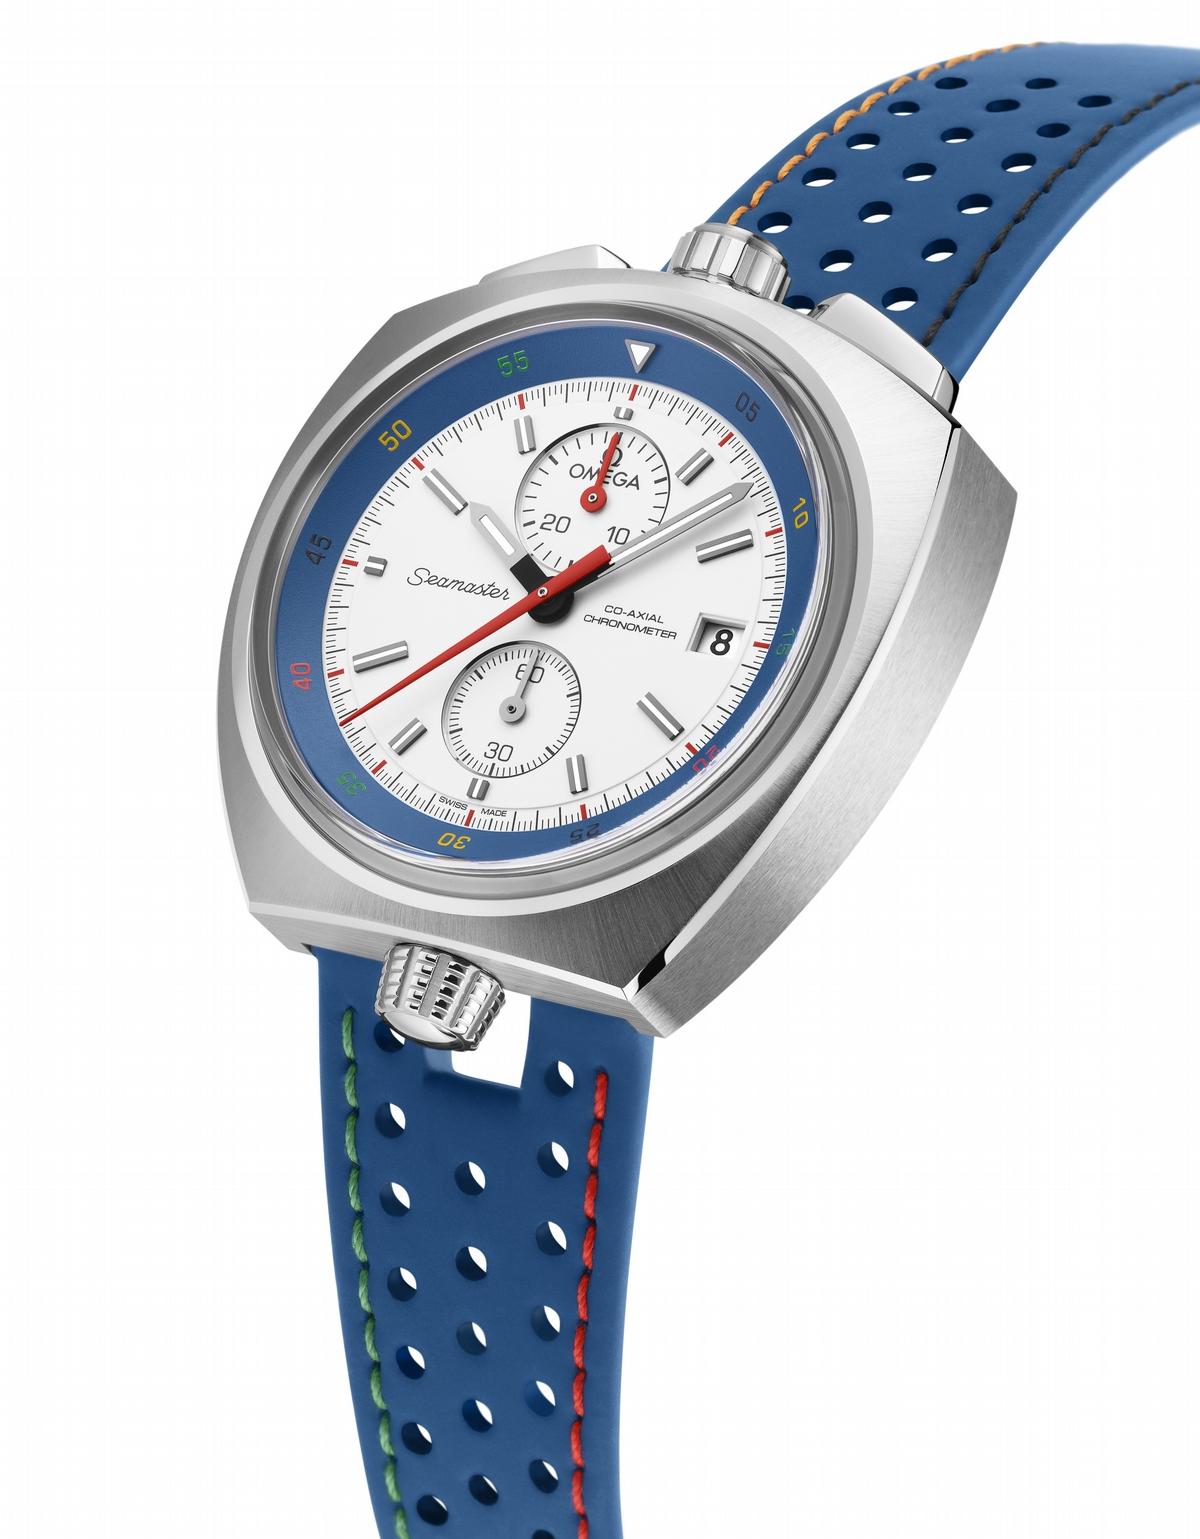 為里約奧運暖身 OMEGA錶現精采